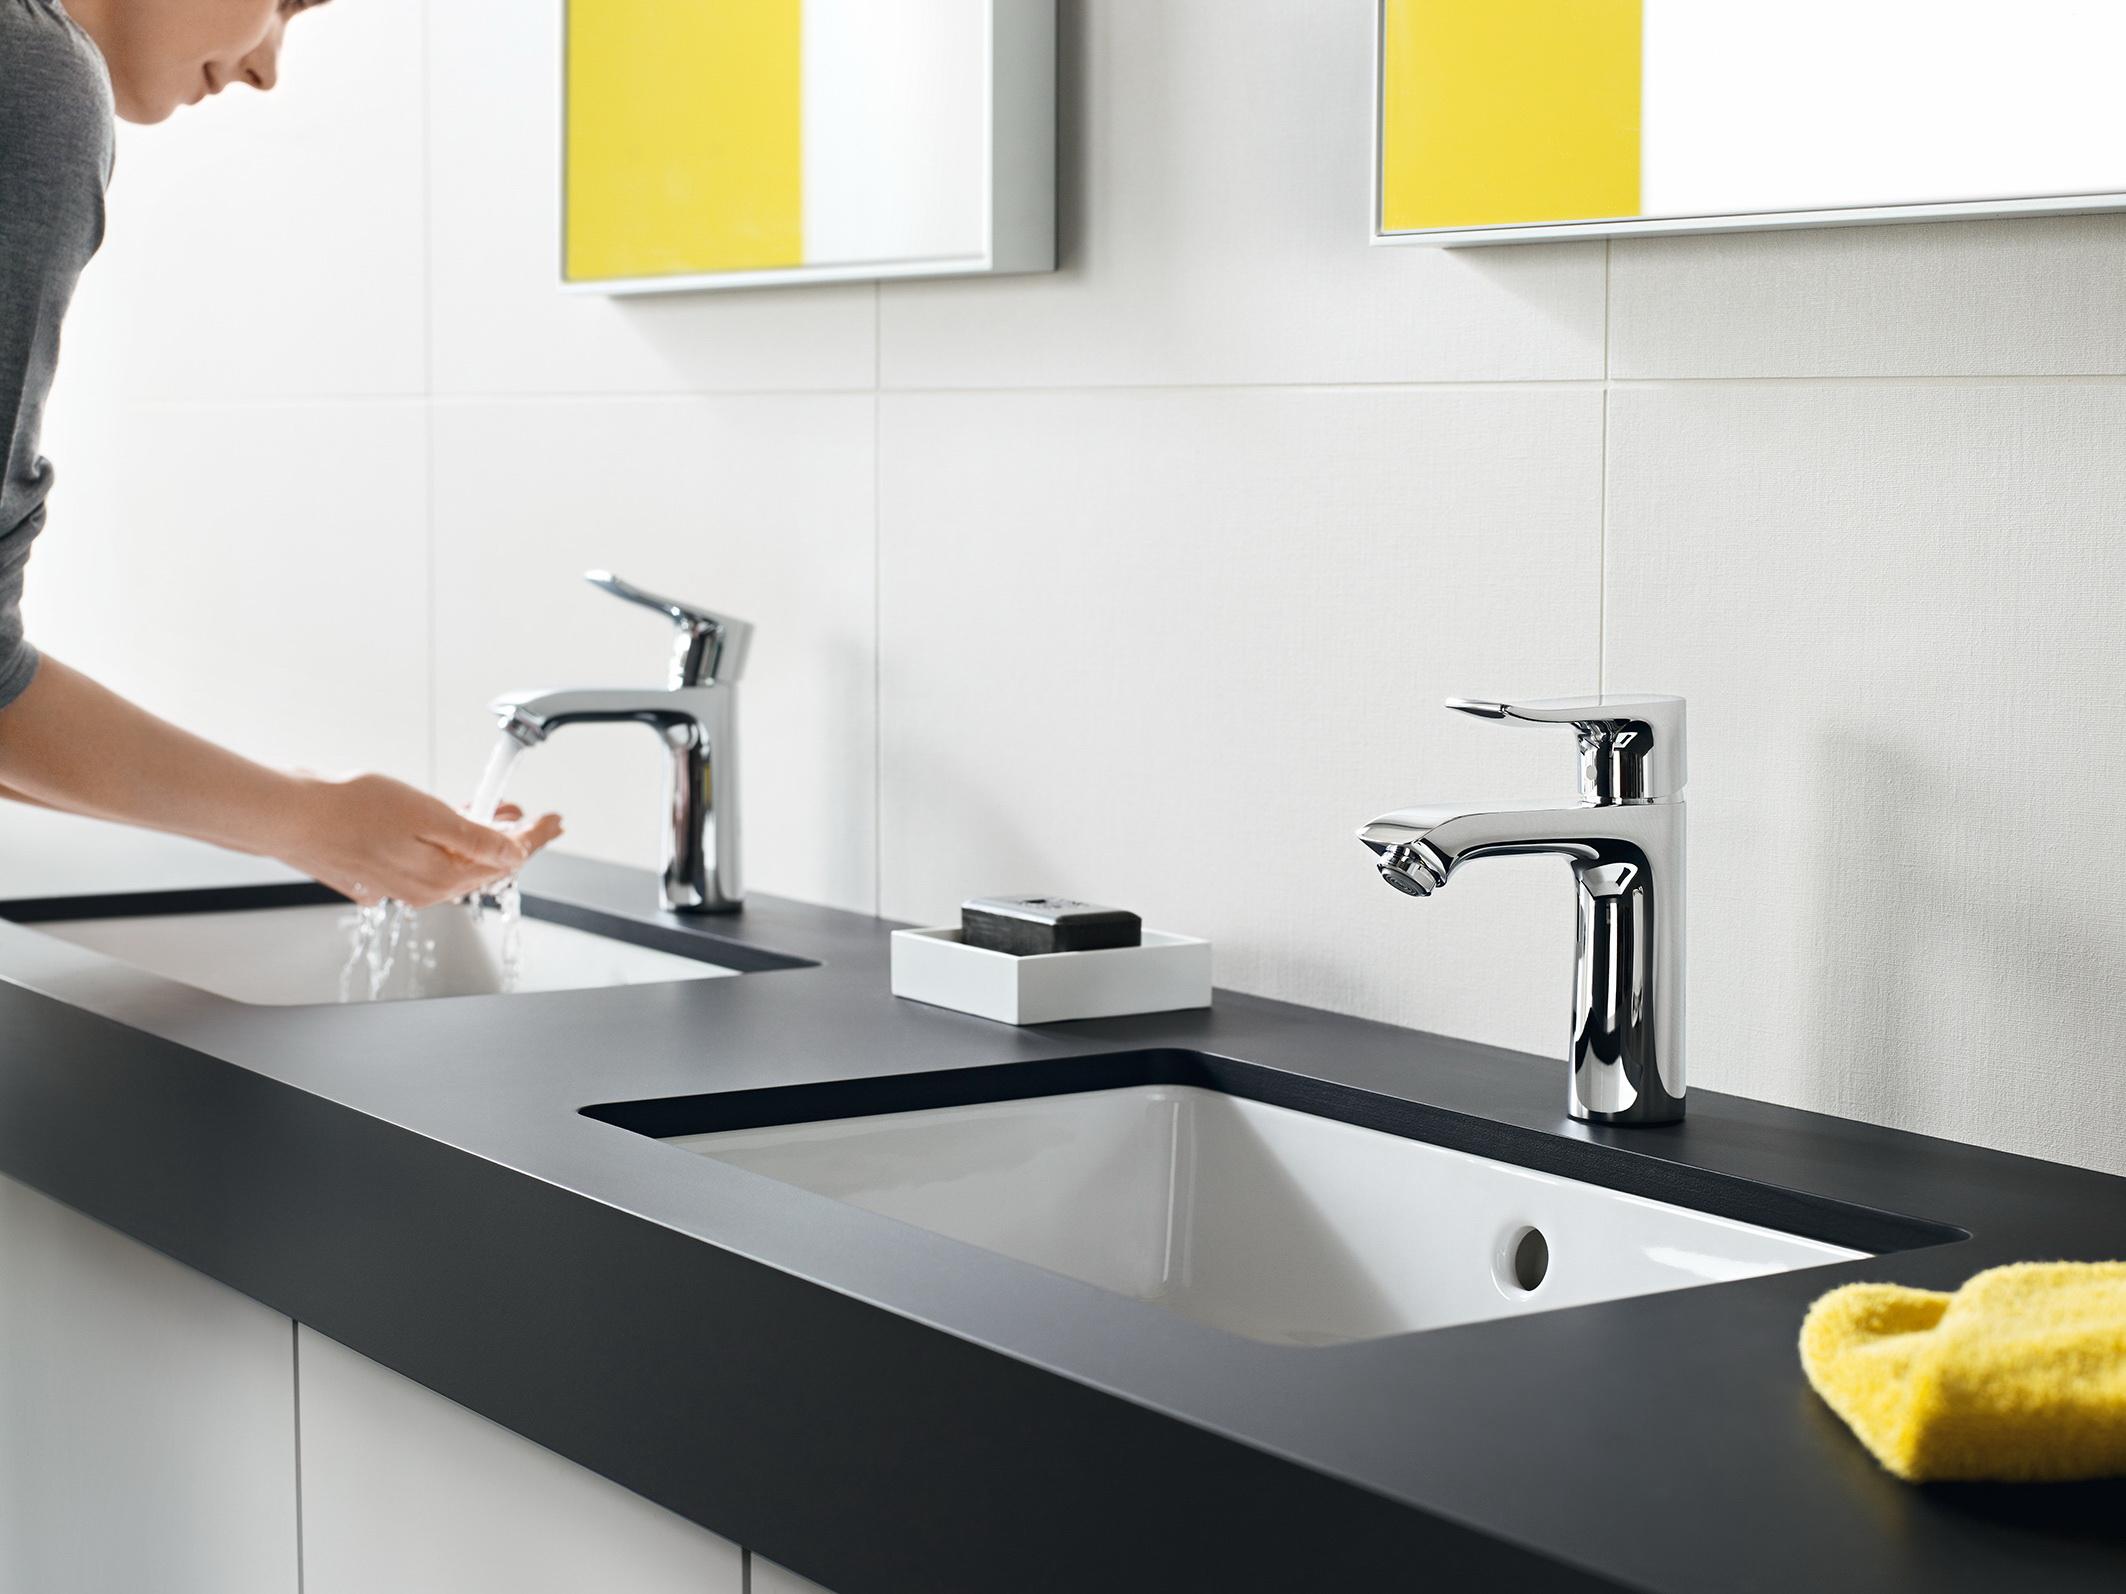 Hansgrohe bathroom faucet